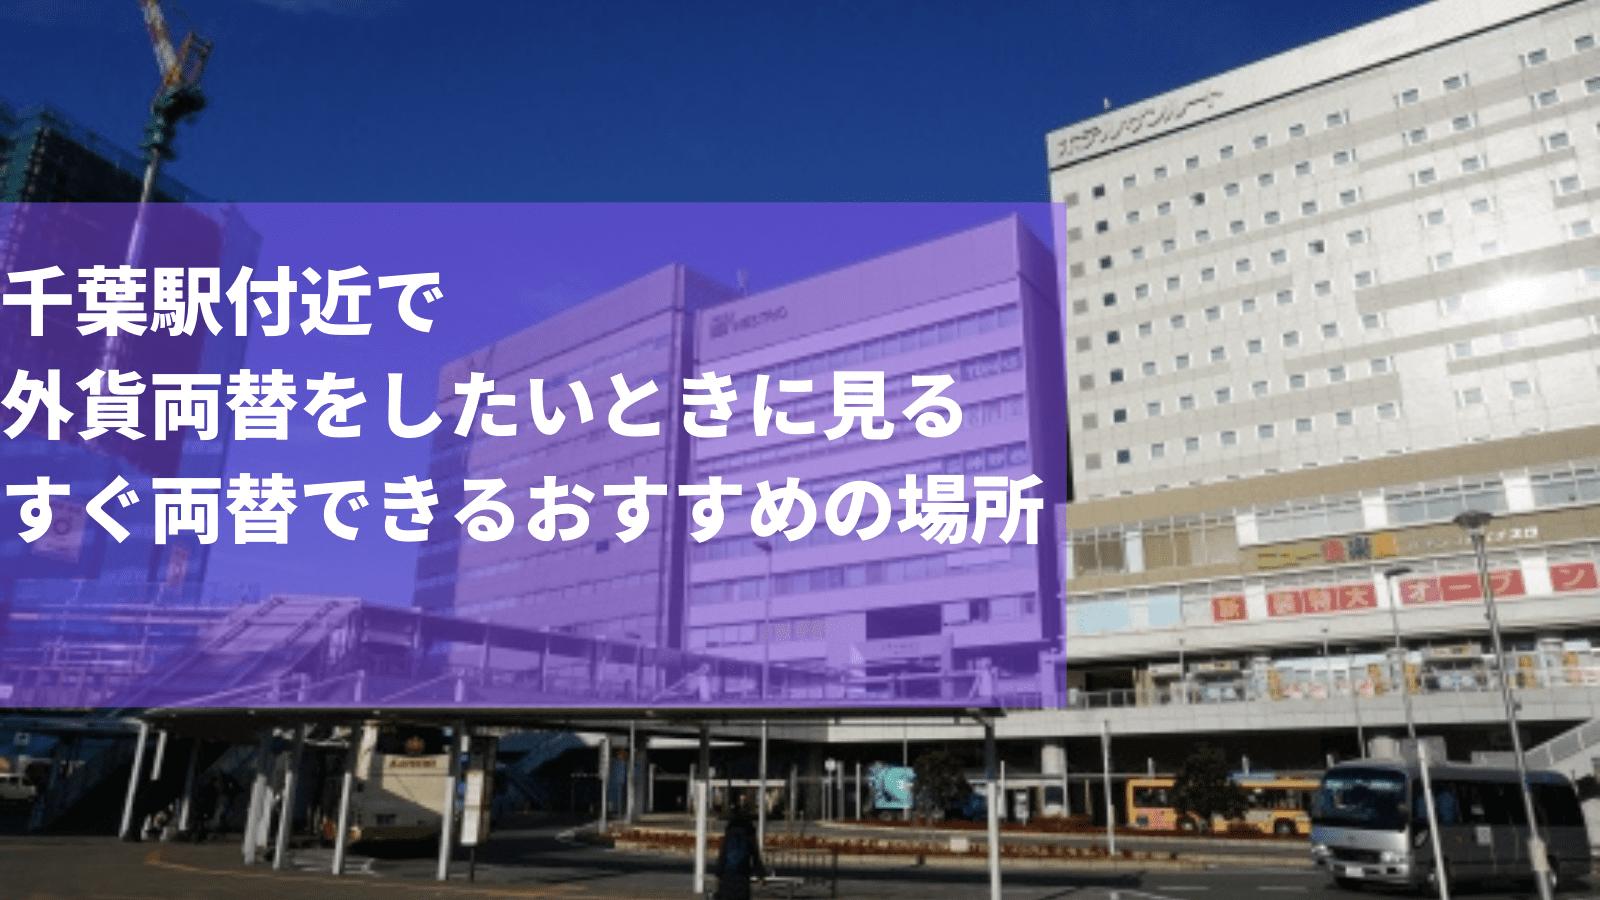 千葉駅付近で外貨両替をしたいときに見る、すぐ両替できるおすすめの場所